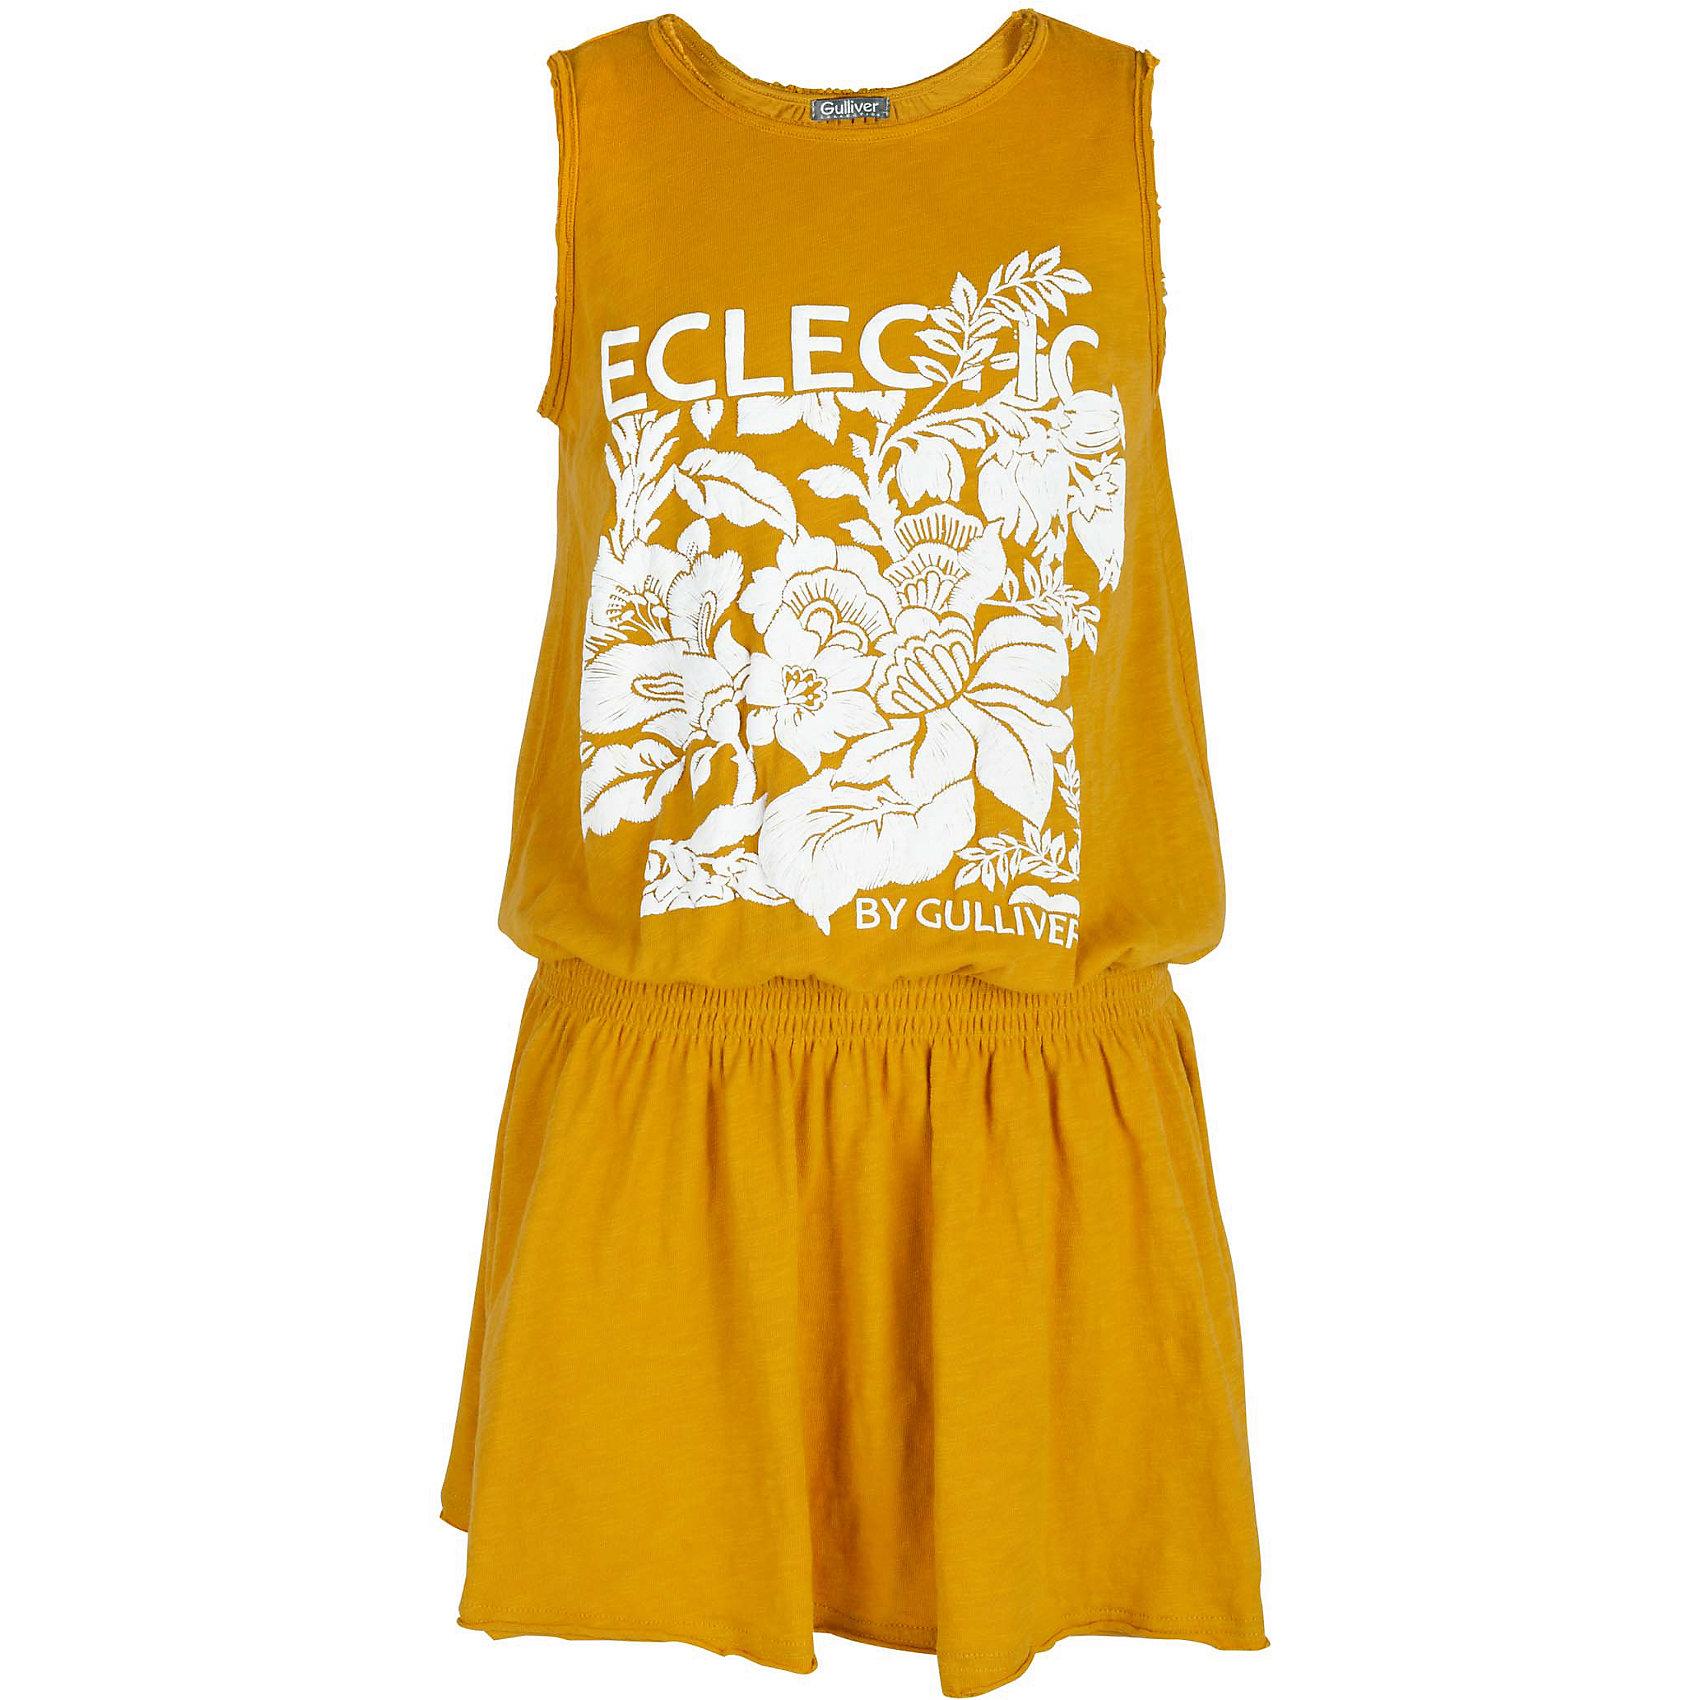 Платье для девочки GulliverЛетние платья и сарафаны<br>Замечательный сарафан для жаркого лета наверняка оценит и сама модница, и ее мама. Легкий, удобный, комфортный, сарафан создаст прекрасный внешний вид и подарит свободу движений. Трикотажное полотно обеспечит красивое и комфортное прилегание к телу, расклешенная юбка сделает образ девочки нежным и женственным. Белый объемный принт - яркий цветовой акцент модели, создающий настроение. Одним словом, если вы планируете купить сарафан на каждый день для красоты и комфорта ребенка, эта модель - то, что нужно!<br>Состав:<br>100% хлопок<br><br>Ширина мм: 236<br>Глубина мм: 16<br>Высота мм: 184<br>Вес г: 177<br>Цвет: желтый<br>Возраст от месяцев: 108<br>Возраст до месяцев: 120<br>Пол: Женский<br>Возраст: Детский<br>Размер: 140,122,128,134<br>SKU: 5484021